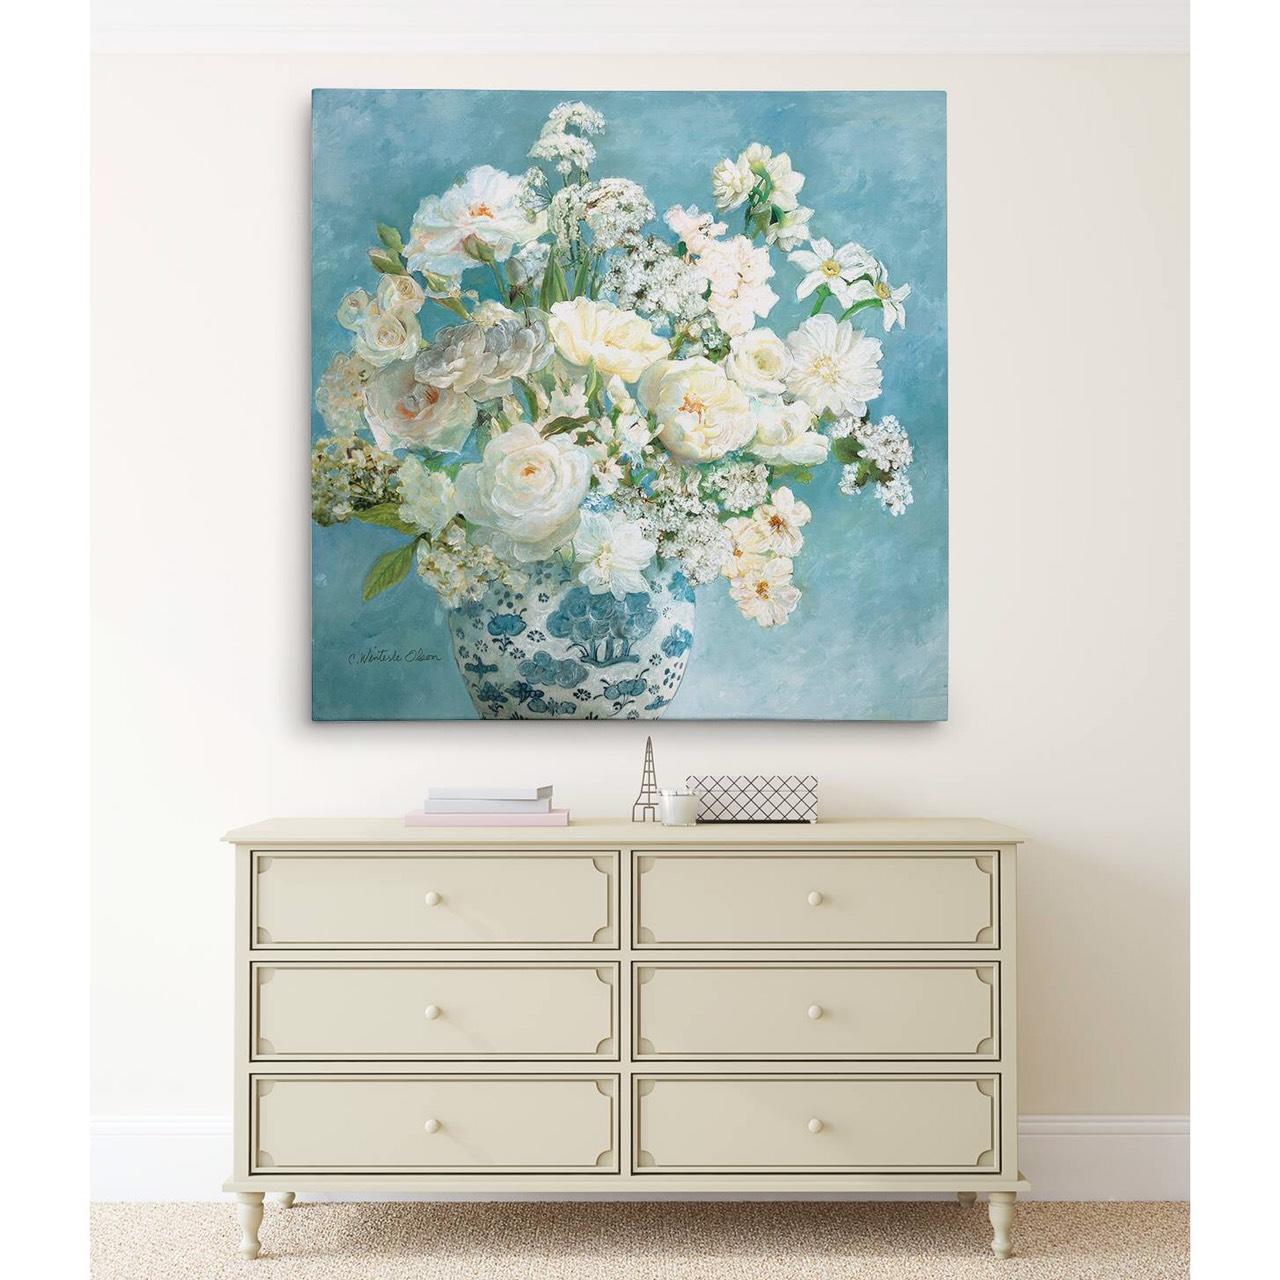 Tranh canvas hoa tĩnh vật hiện đại treo tường, trang trí phòng khách, phòng ăn - Tặng kèm đinh treo tranh chuyên dụng và khung bo ngoài màu trắng